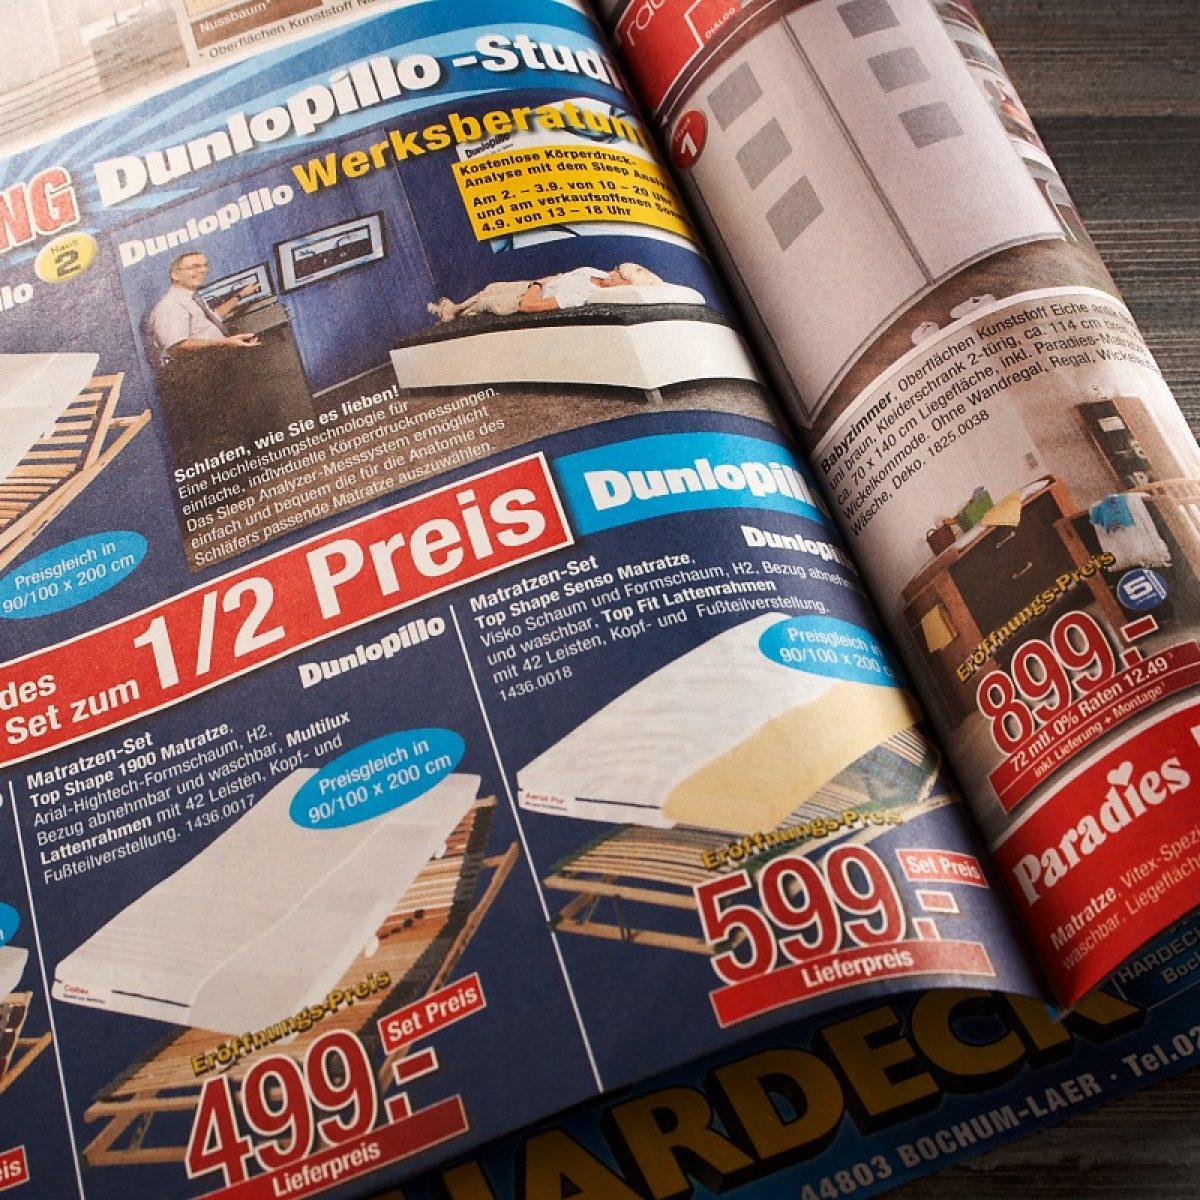 referenz_fotostudio_seventi_2011_82